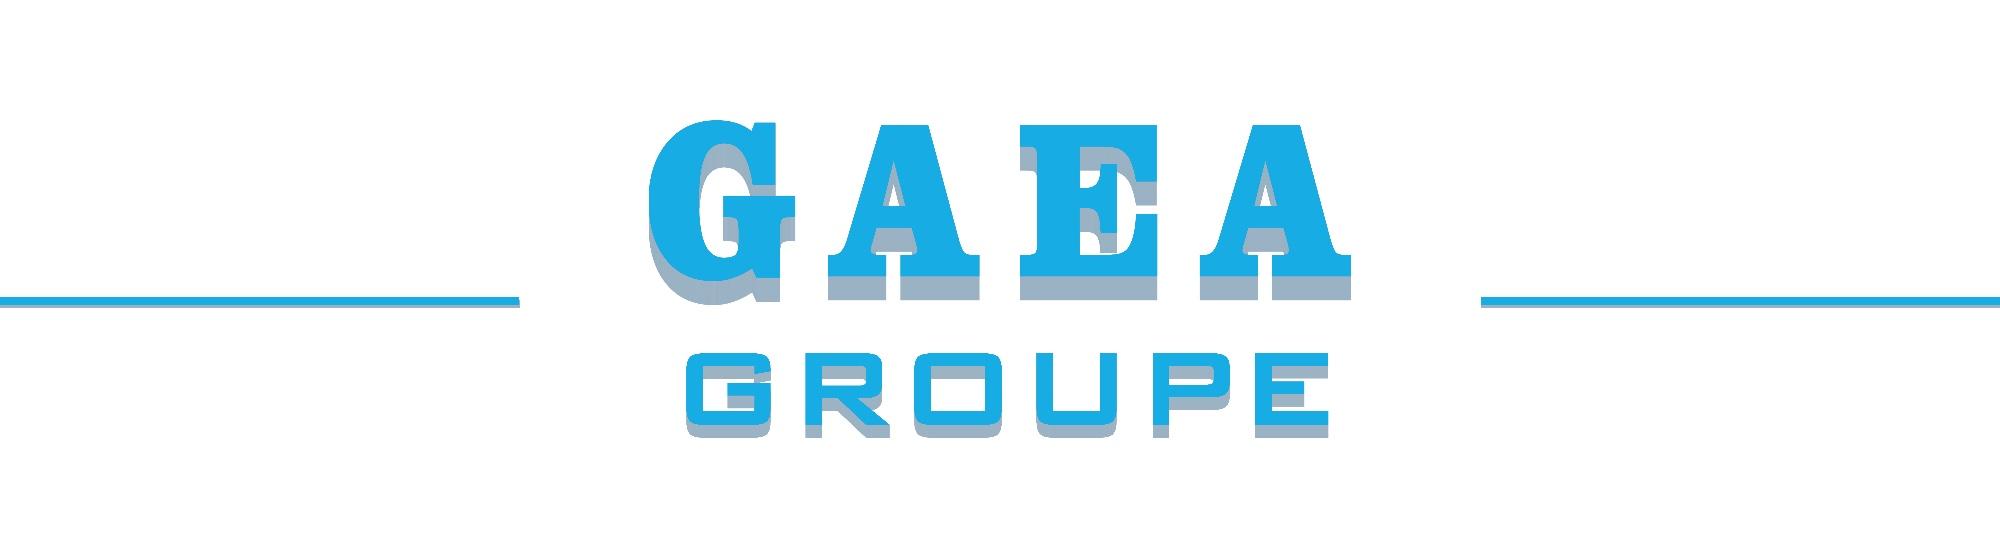 中国盖亚|盖亚集团|盖亚公司|中国盖亚集团